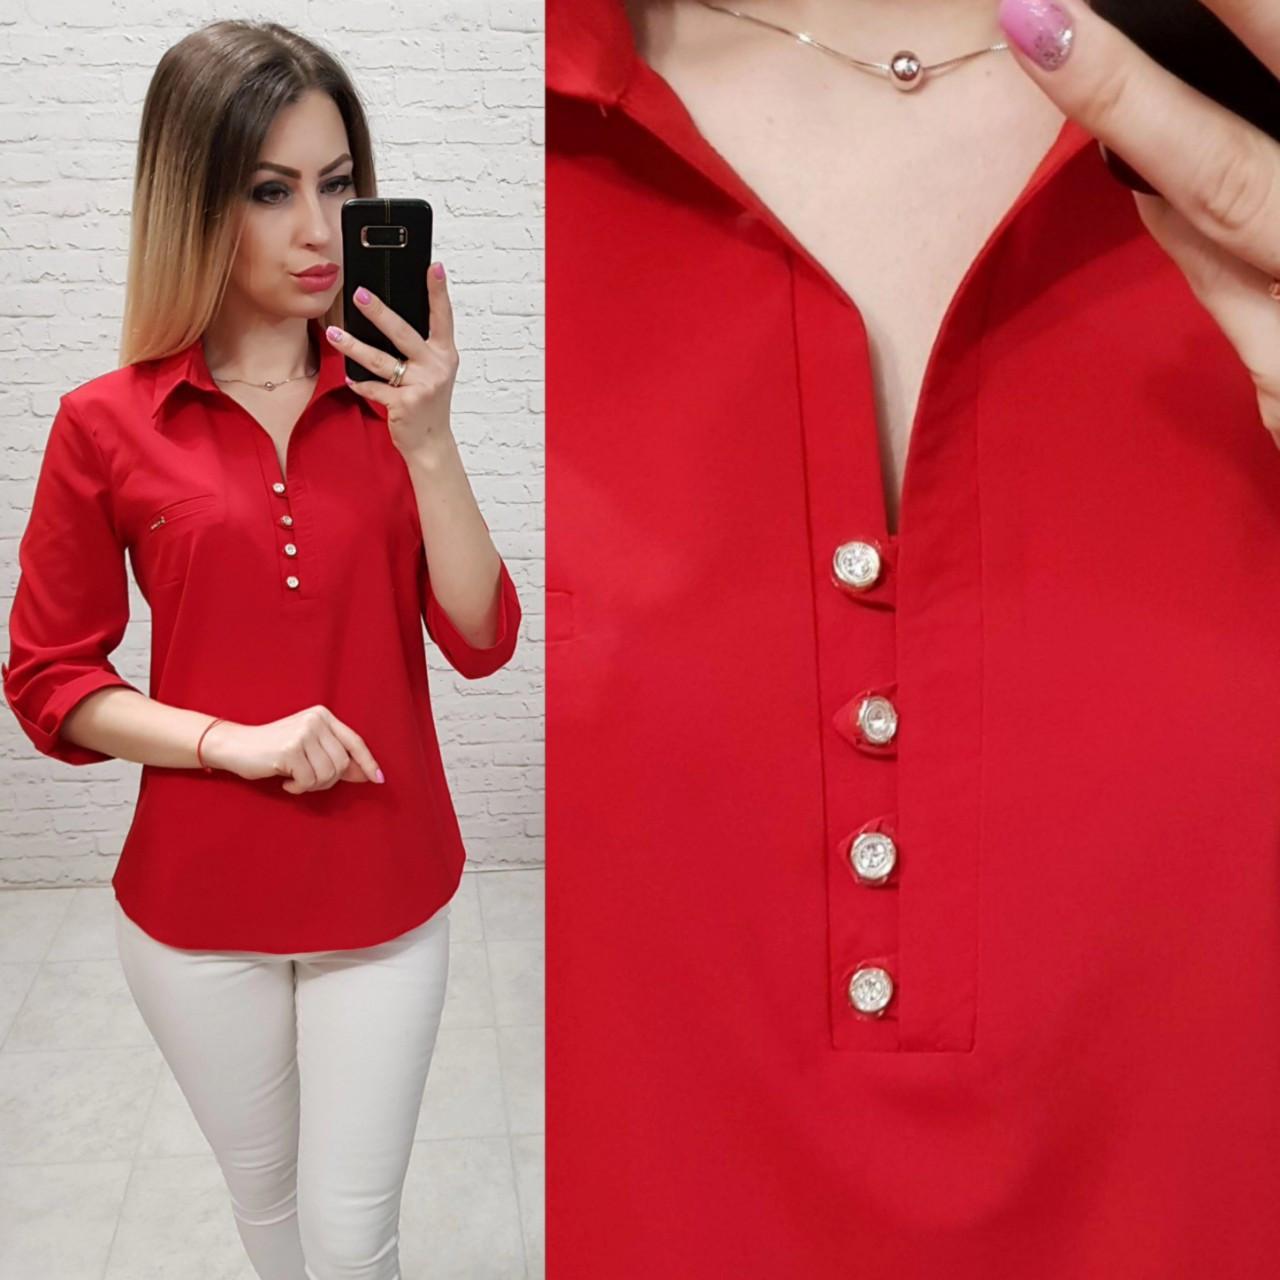 823664ed4dfcb3d Блузка/блуза - рубашка с пуговками на груди, модель 828 , цвет красный